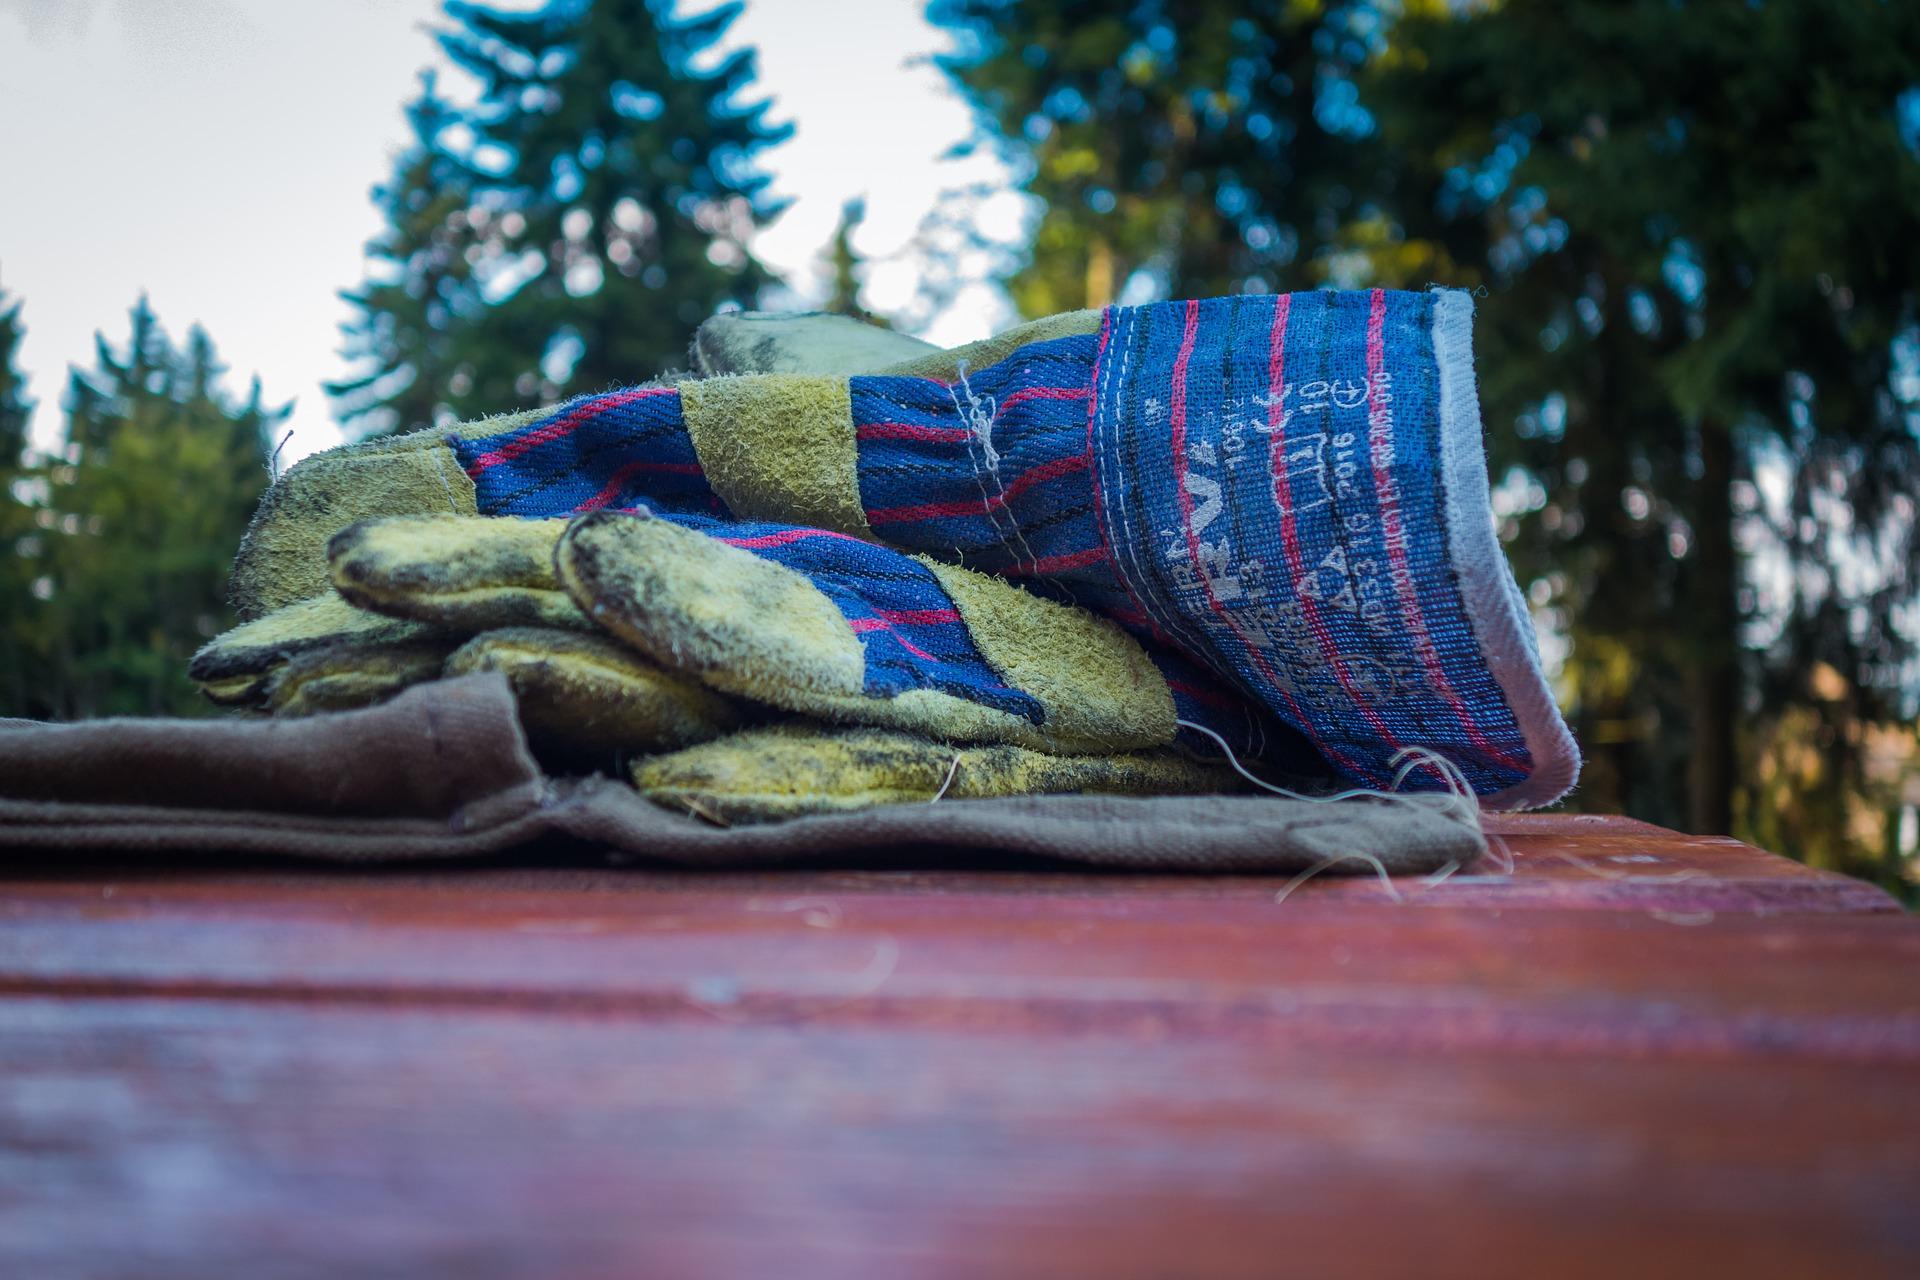 Montagehandschuhe mit Gefühl auf baumarktblog24.de